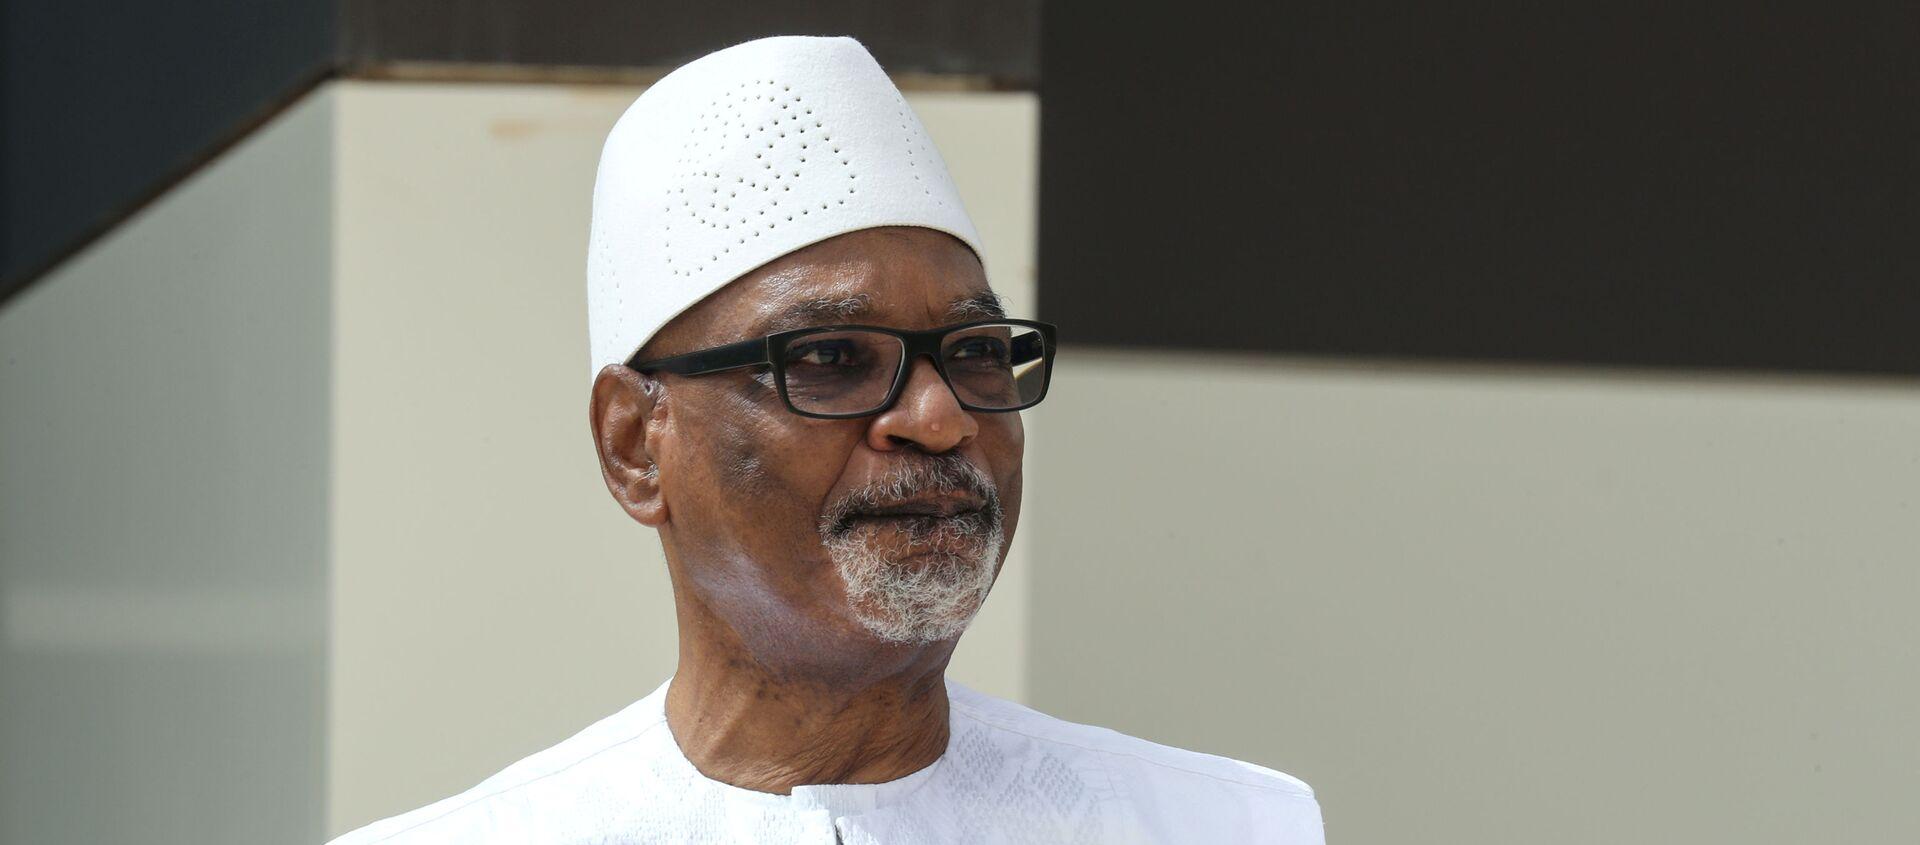 El presidente de Malí, Ibrahim Boubacar Keita - Sputnik Mundo, 1920, 18.08.2020